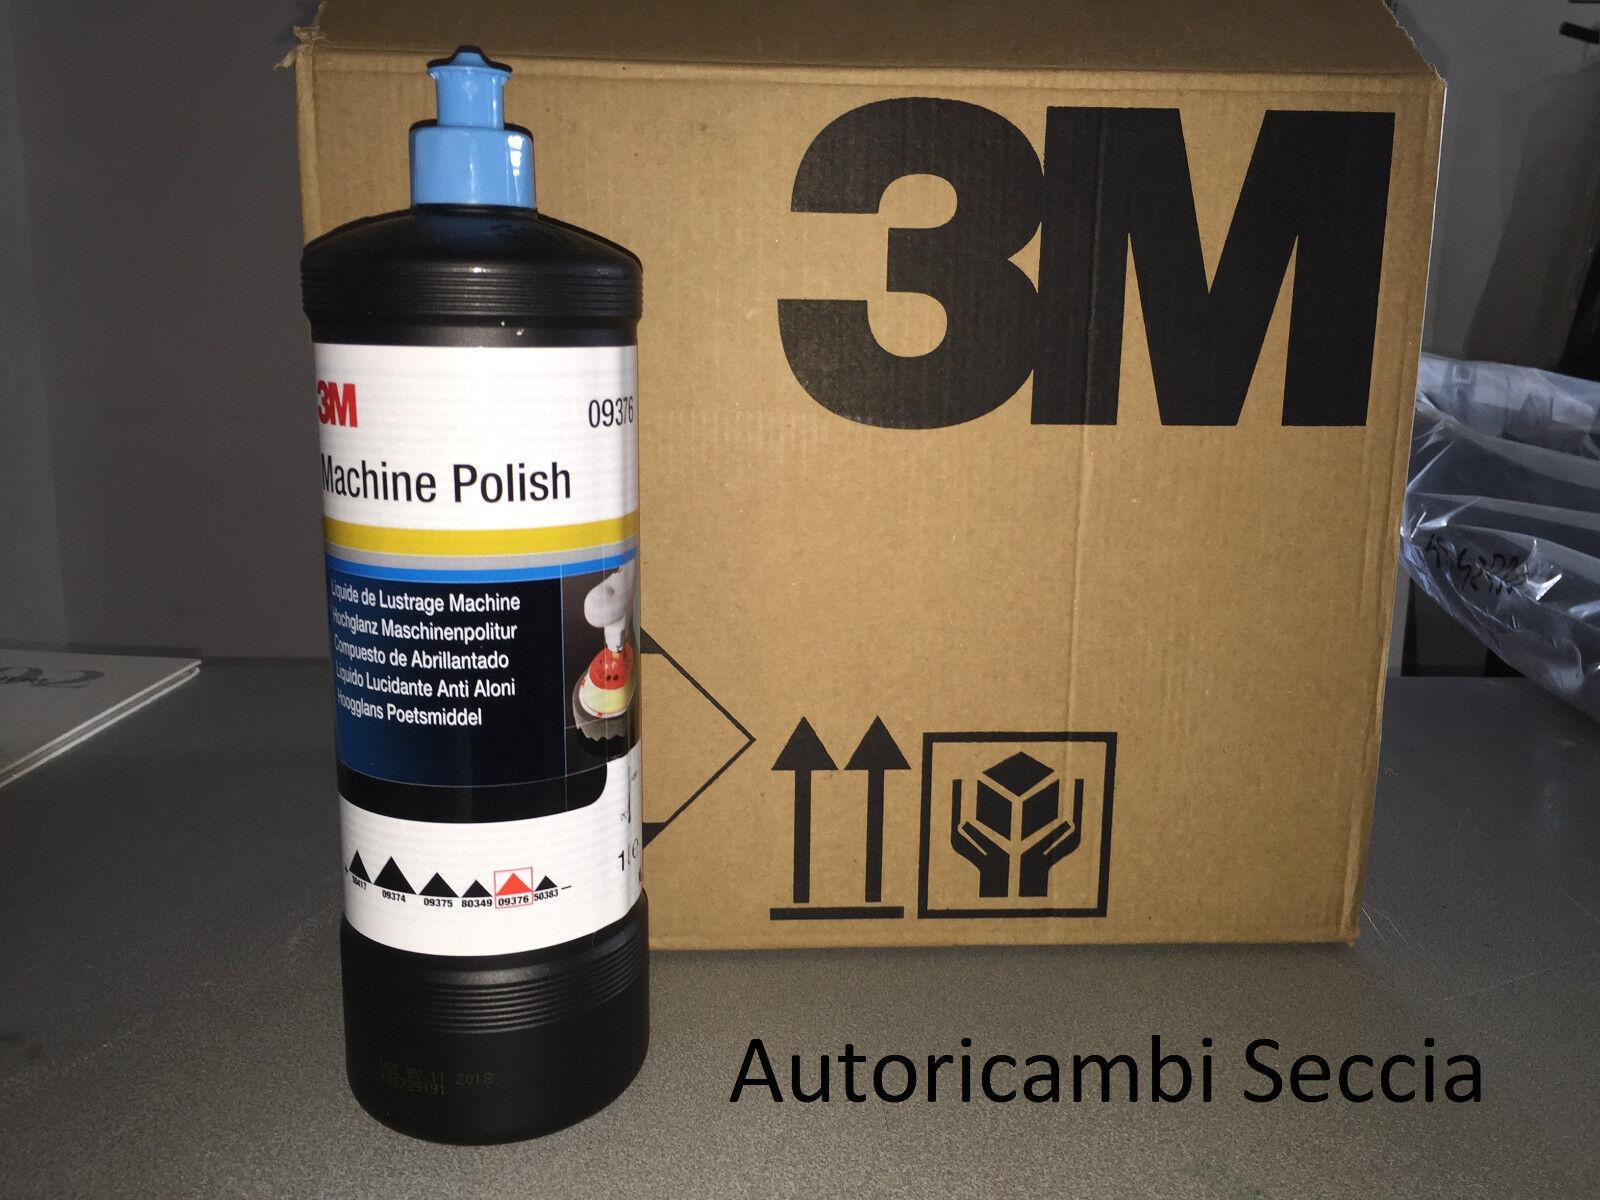 3M polish abrasivo anti aloni 09376 per lucidatura carrozzeria auto cera da 1 lt